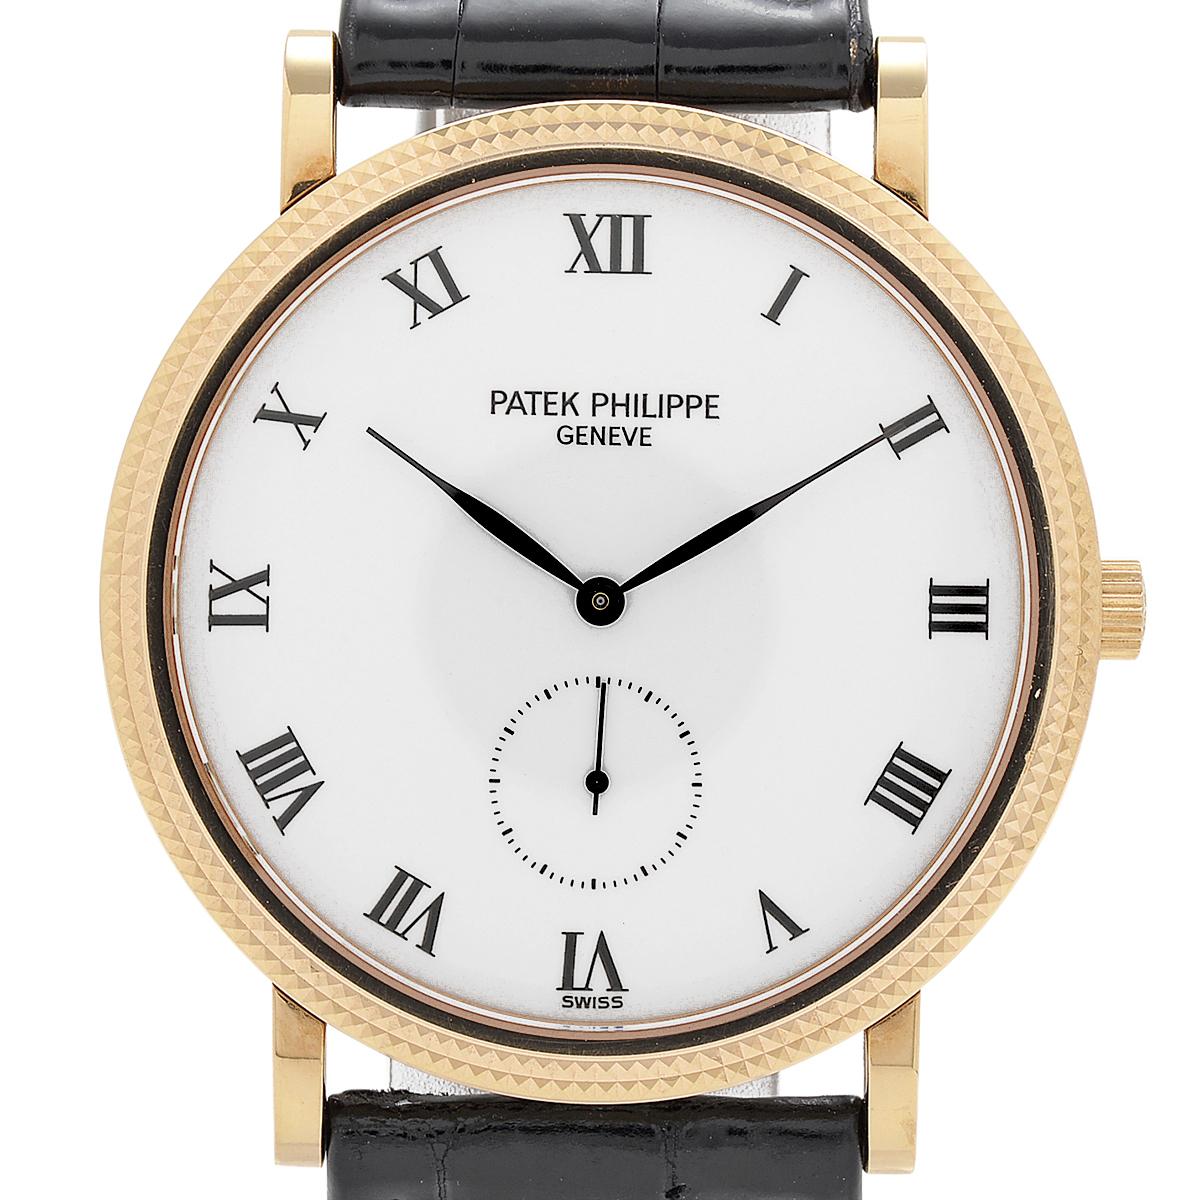 パテックフィリップ PATEK PHILIPPE カラトラバ 3919R-001 腕時計 PG レザー 手巻き ホワイト メンズ 【中古】